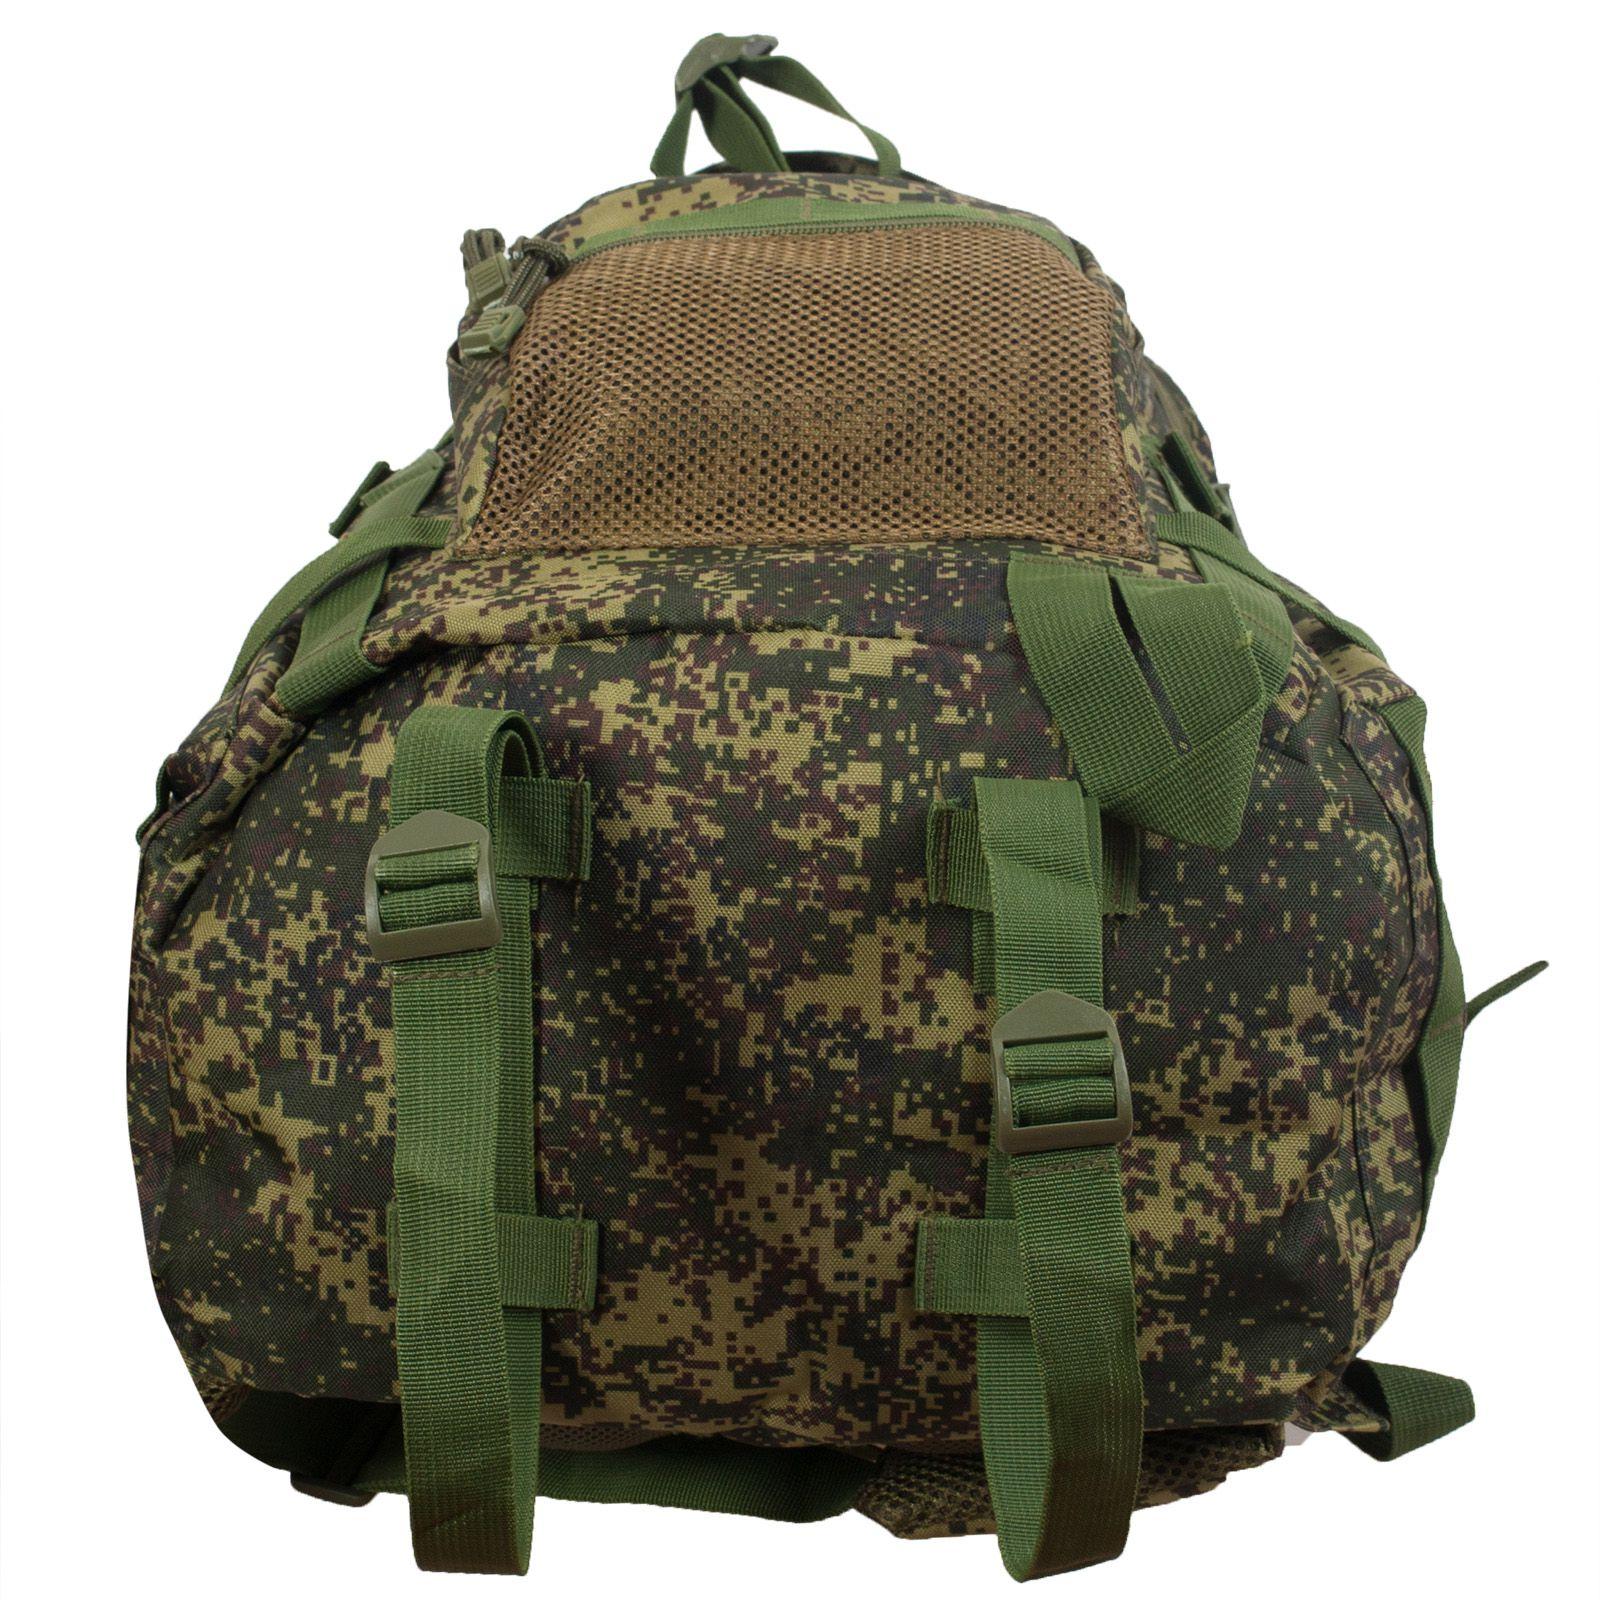 Вместительный милитари рюкзак с нашивкой Афган - заказать с доставкой